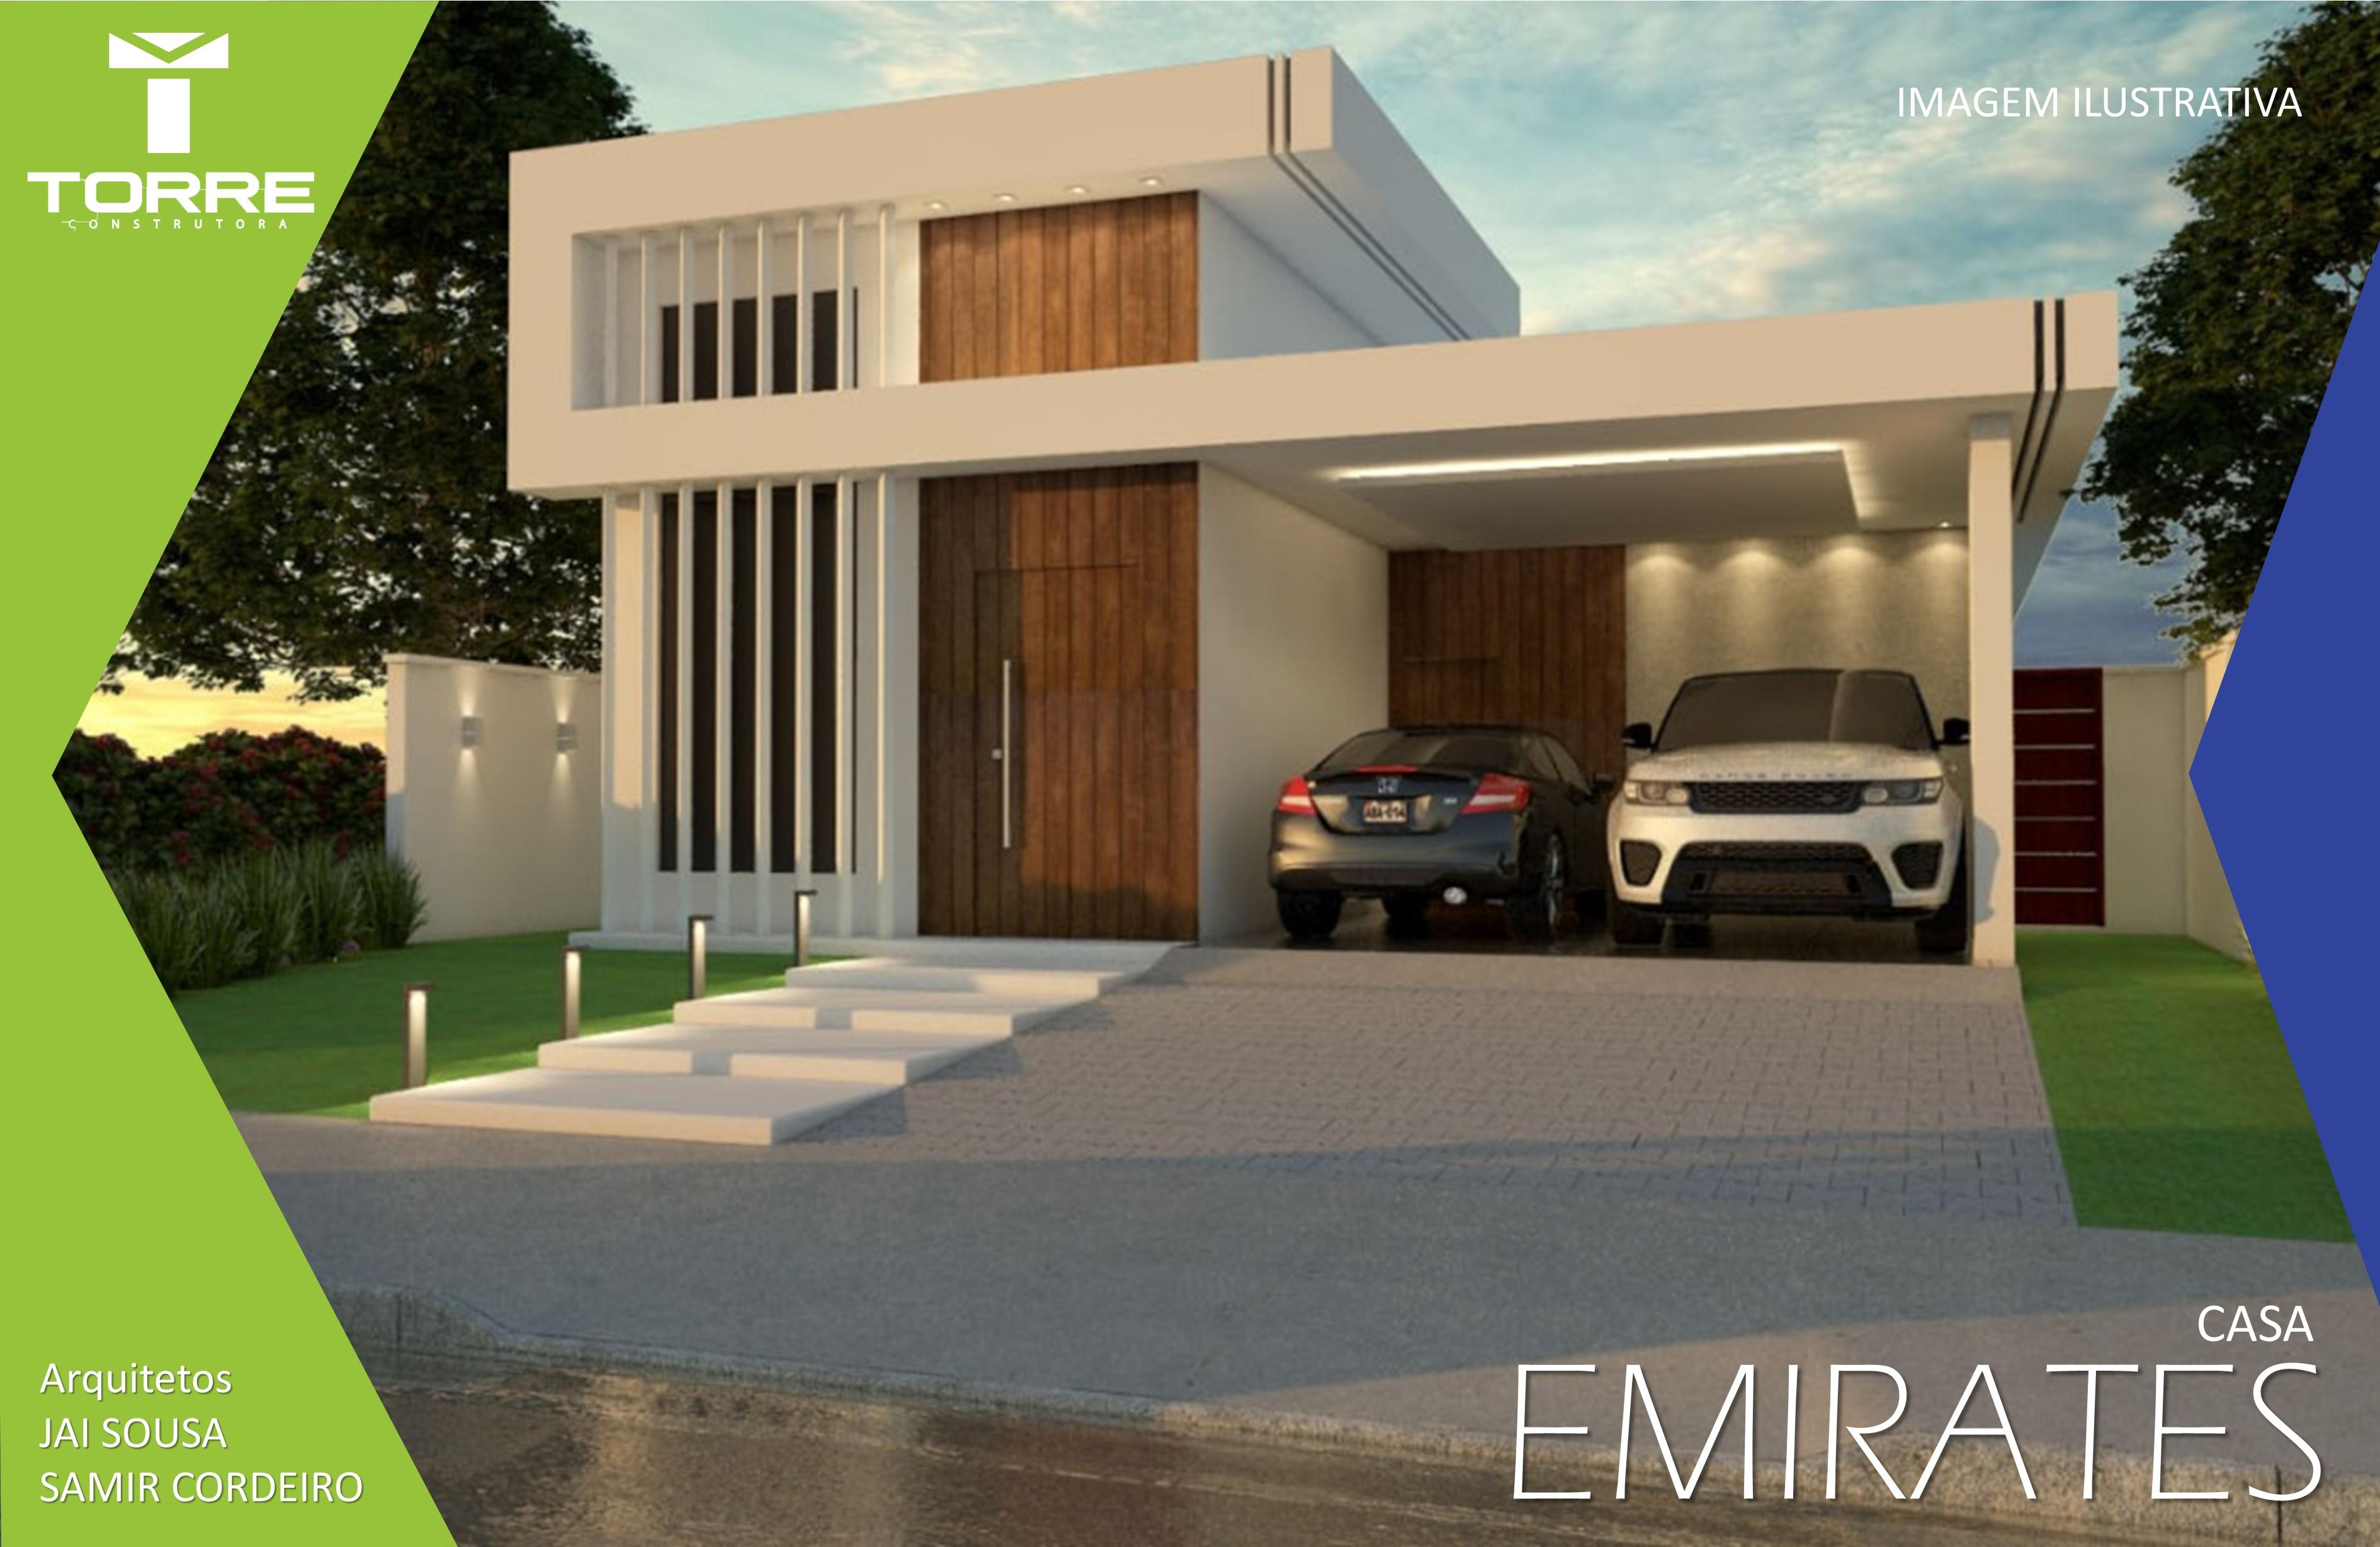 Casa Emirates